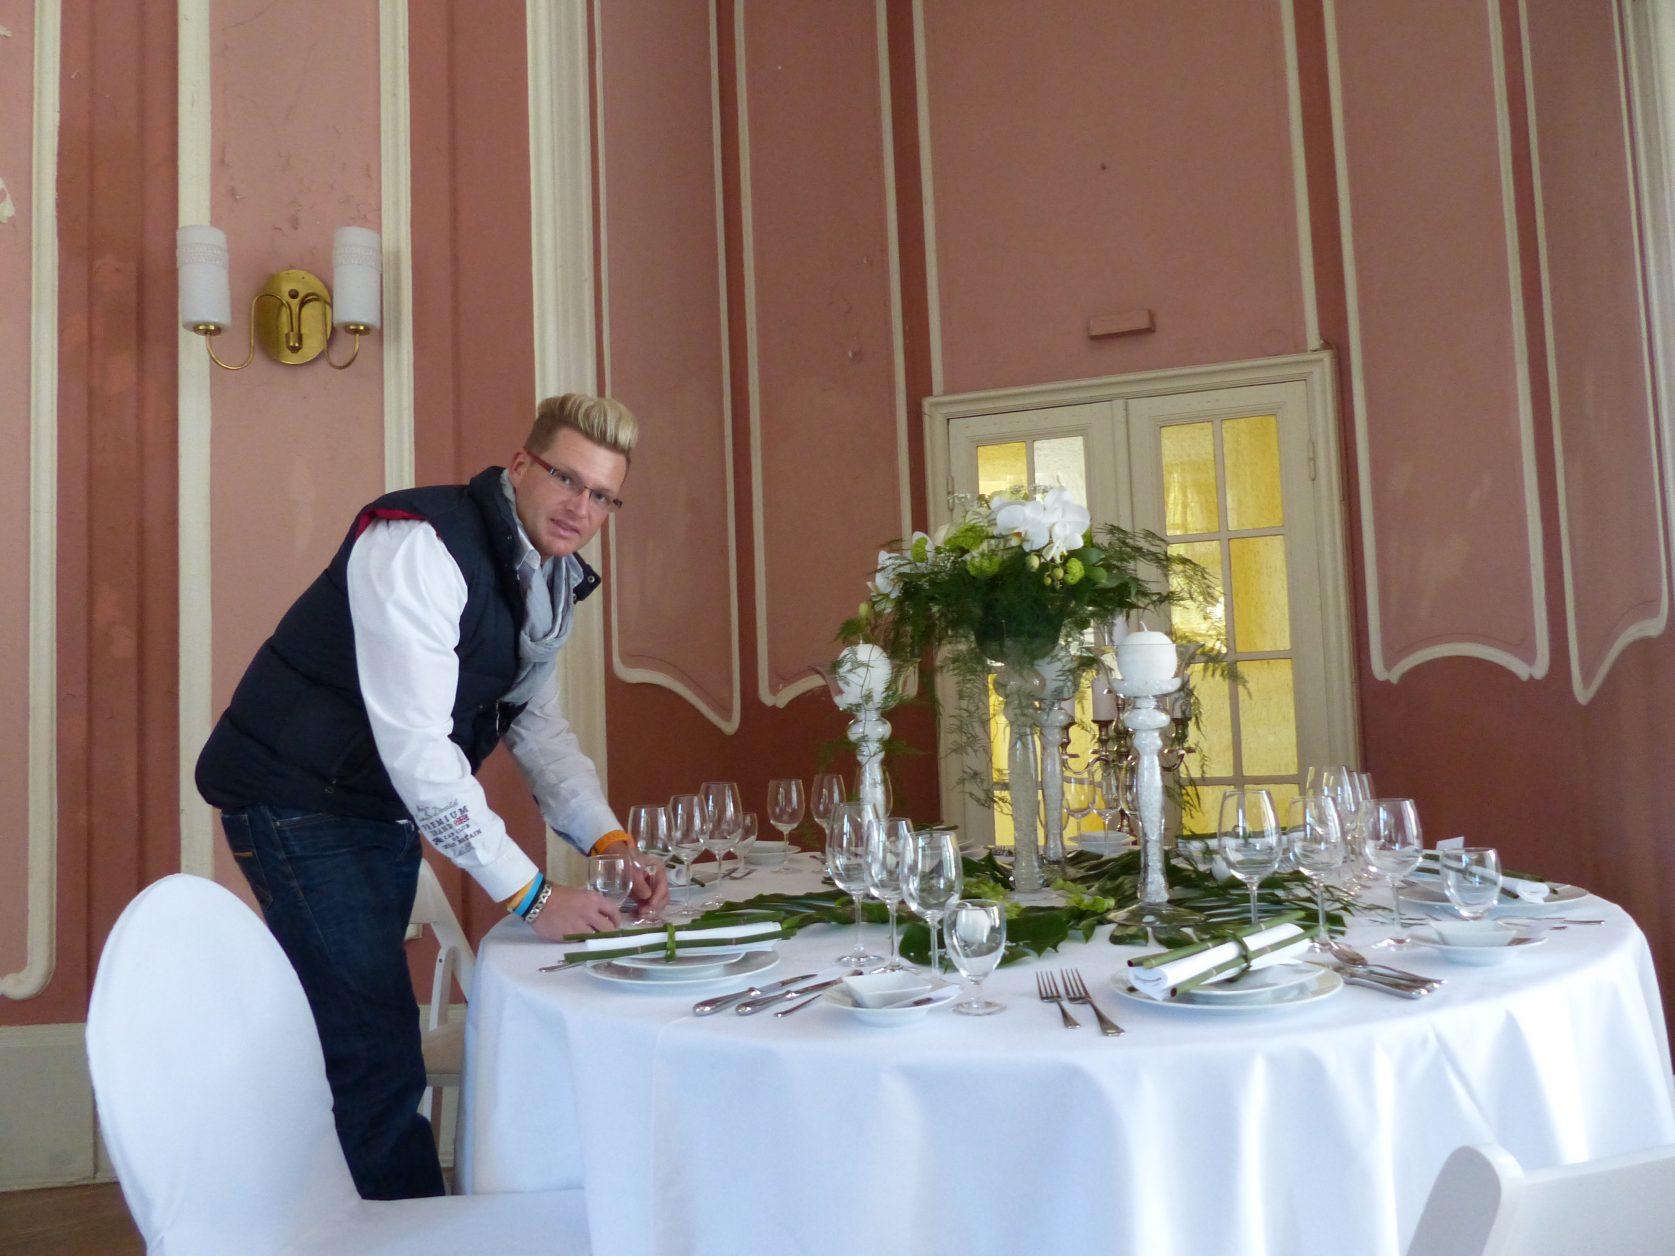 Weddingplaner Christian Schulze in seinem Element im Schloss Marquardt, Foto: D.Weirauch